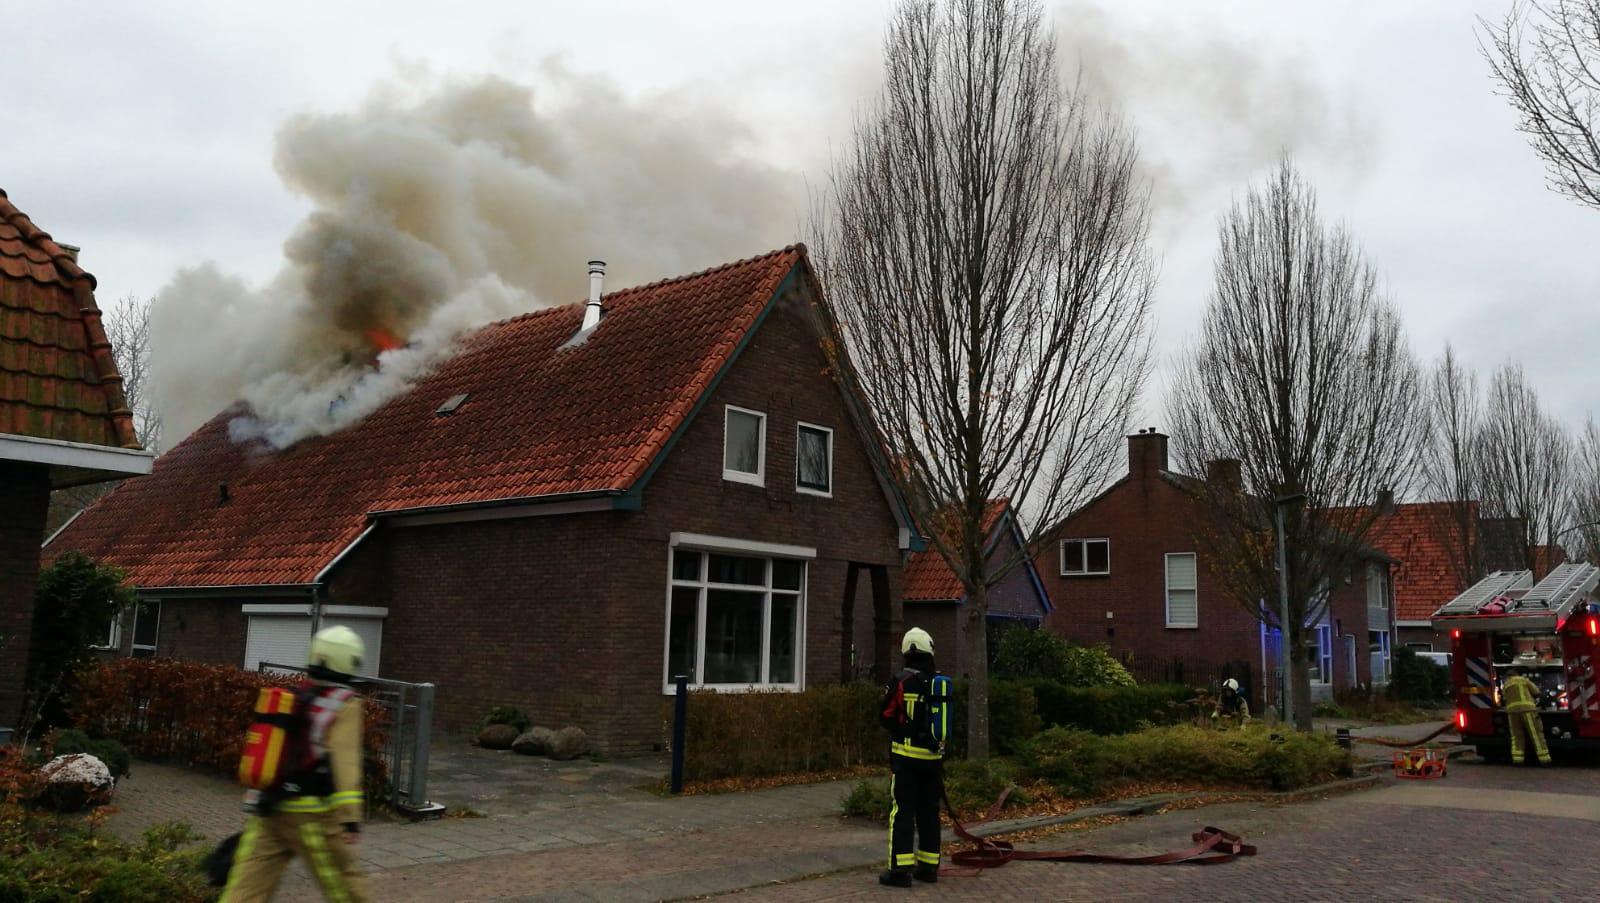 Grote Uitslaande brand verwoest woonboederij in Assen